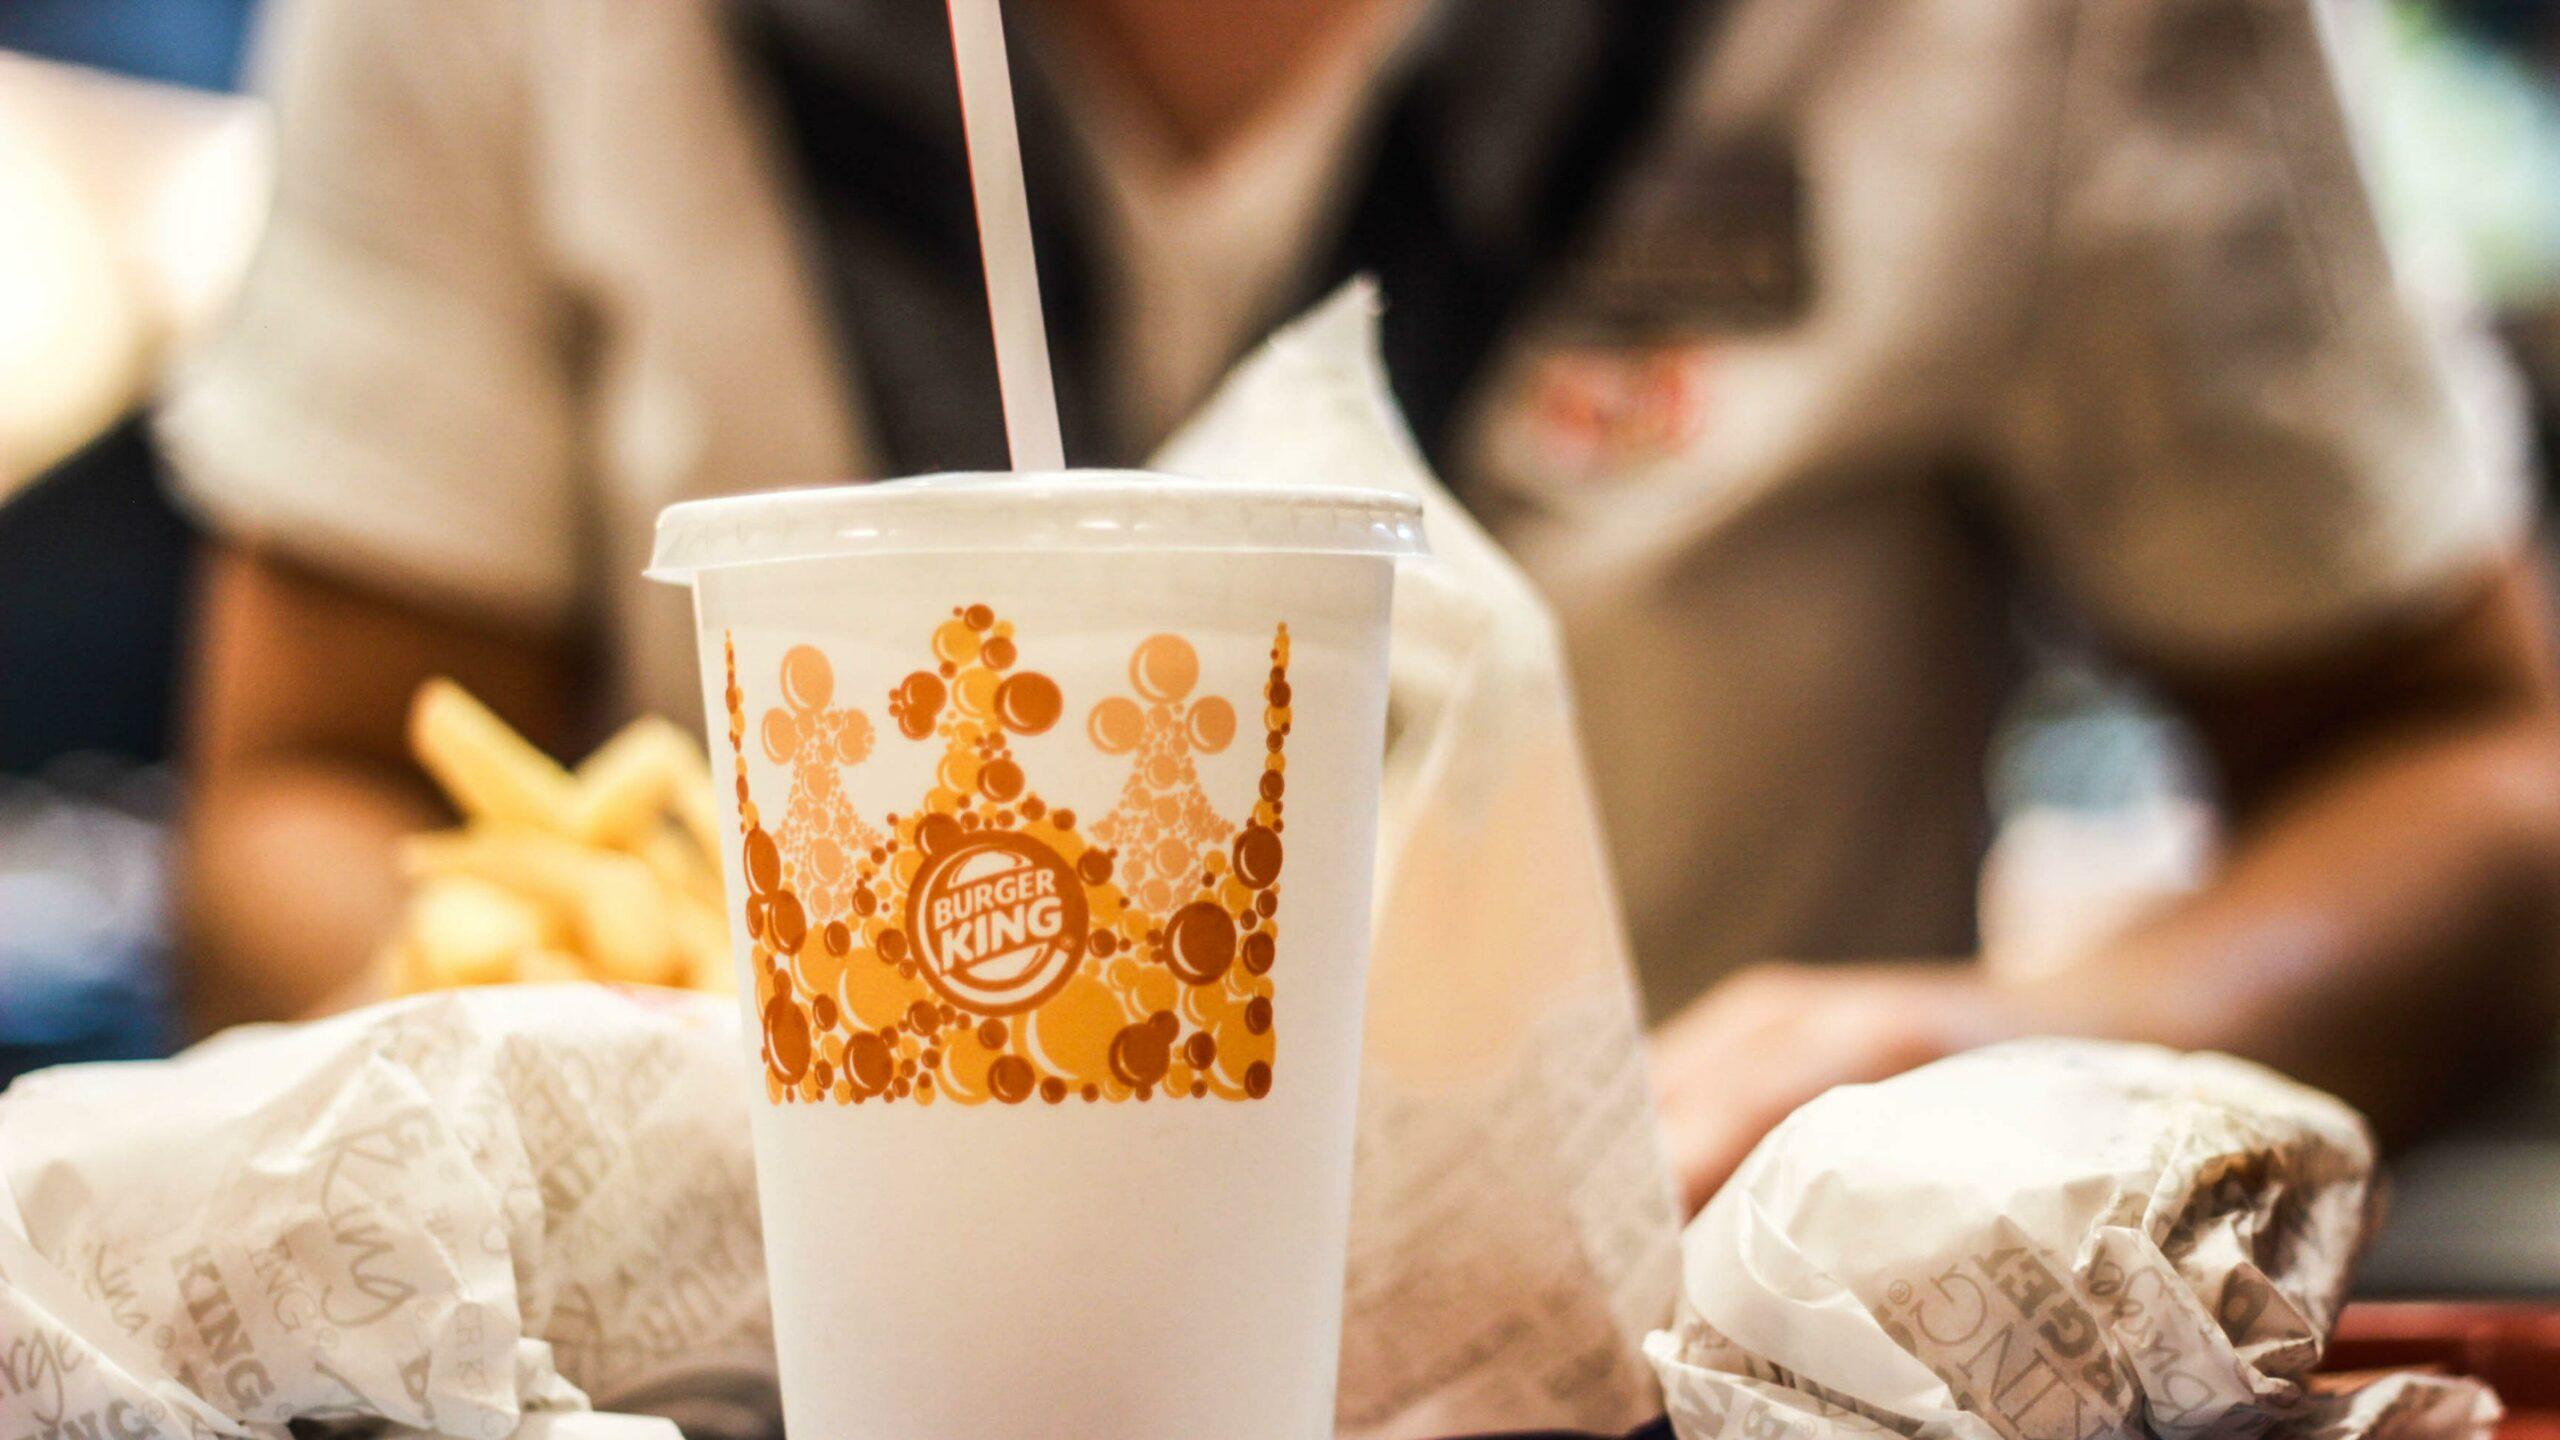 Burger King Vegan Royale drinks